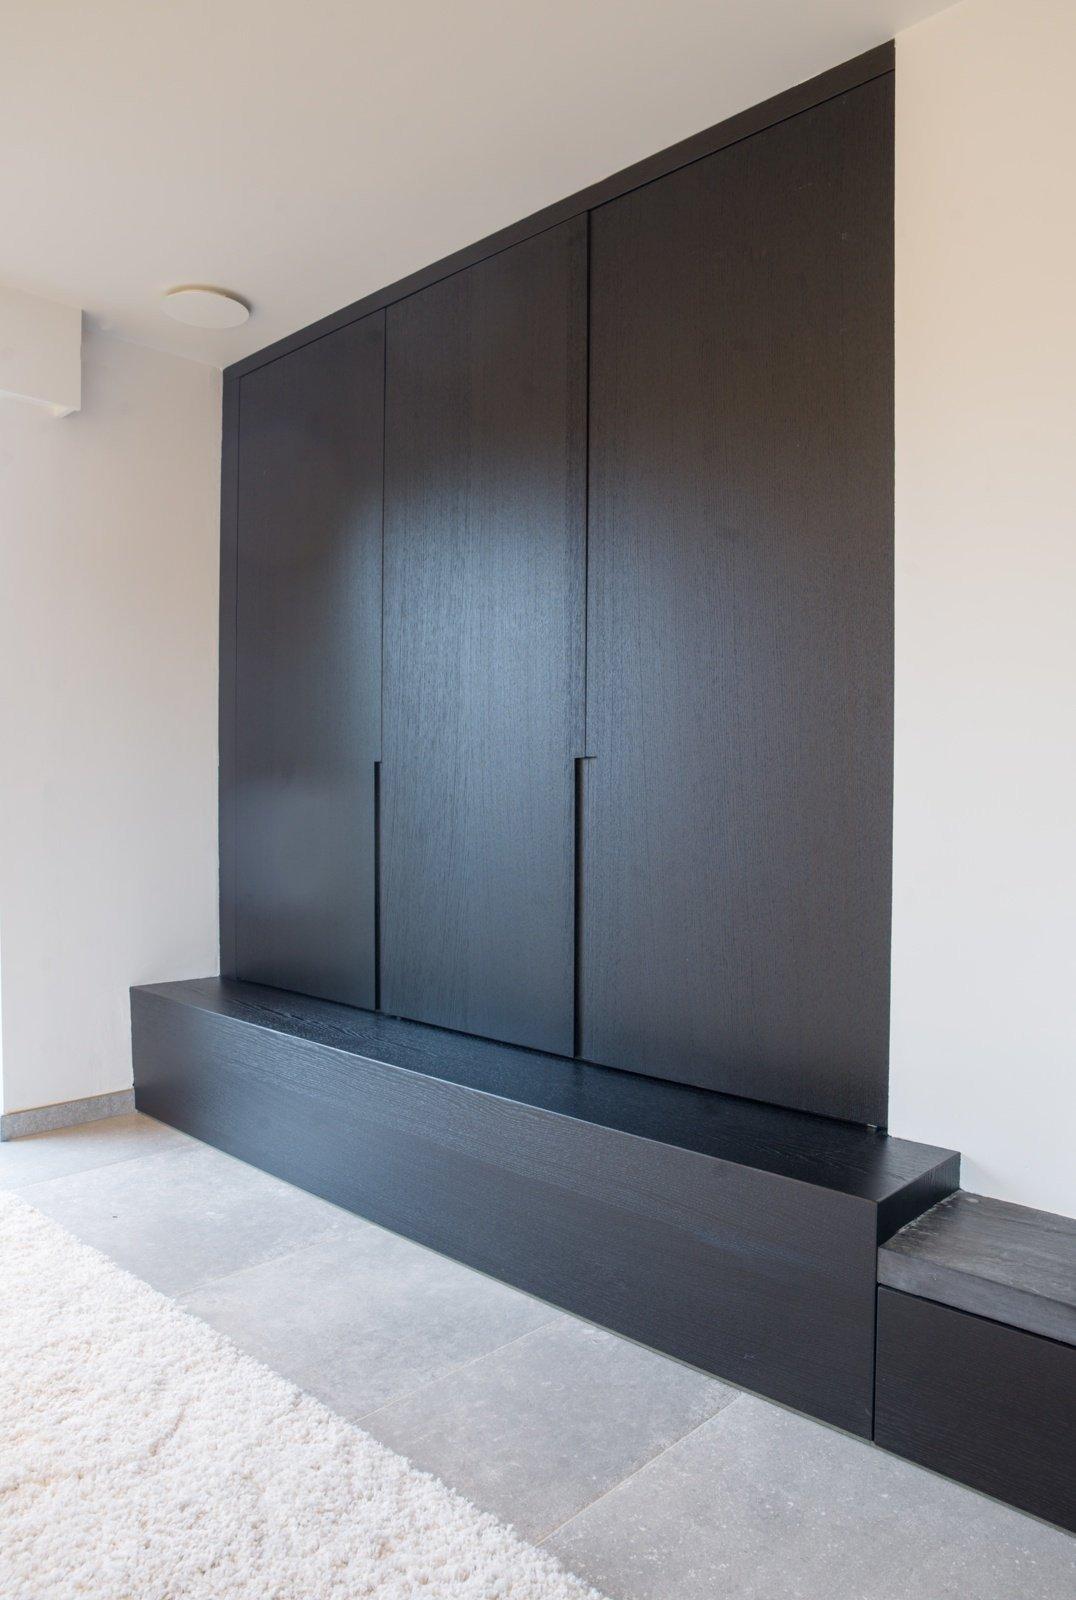 De Lille Maldegem - Totaalproject interieur